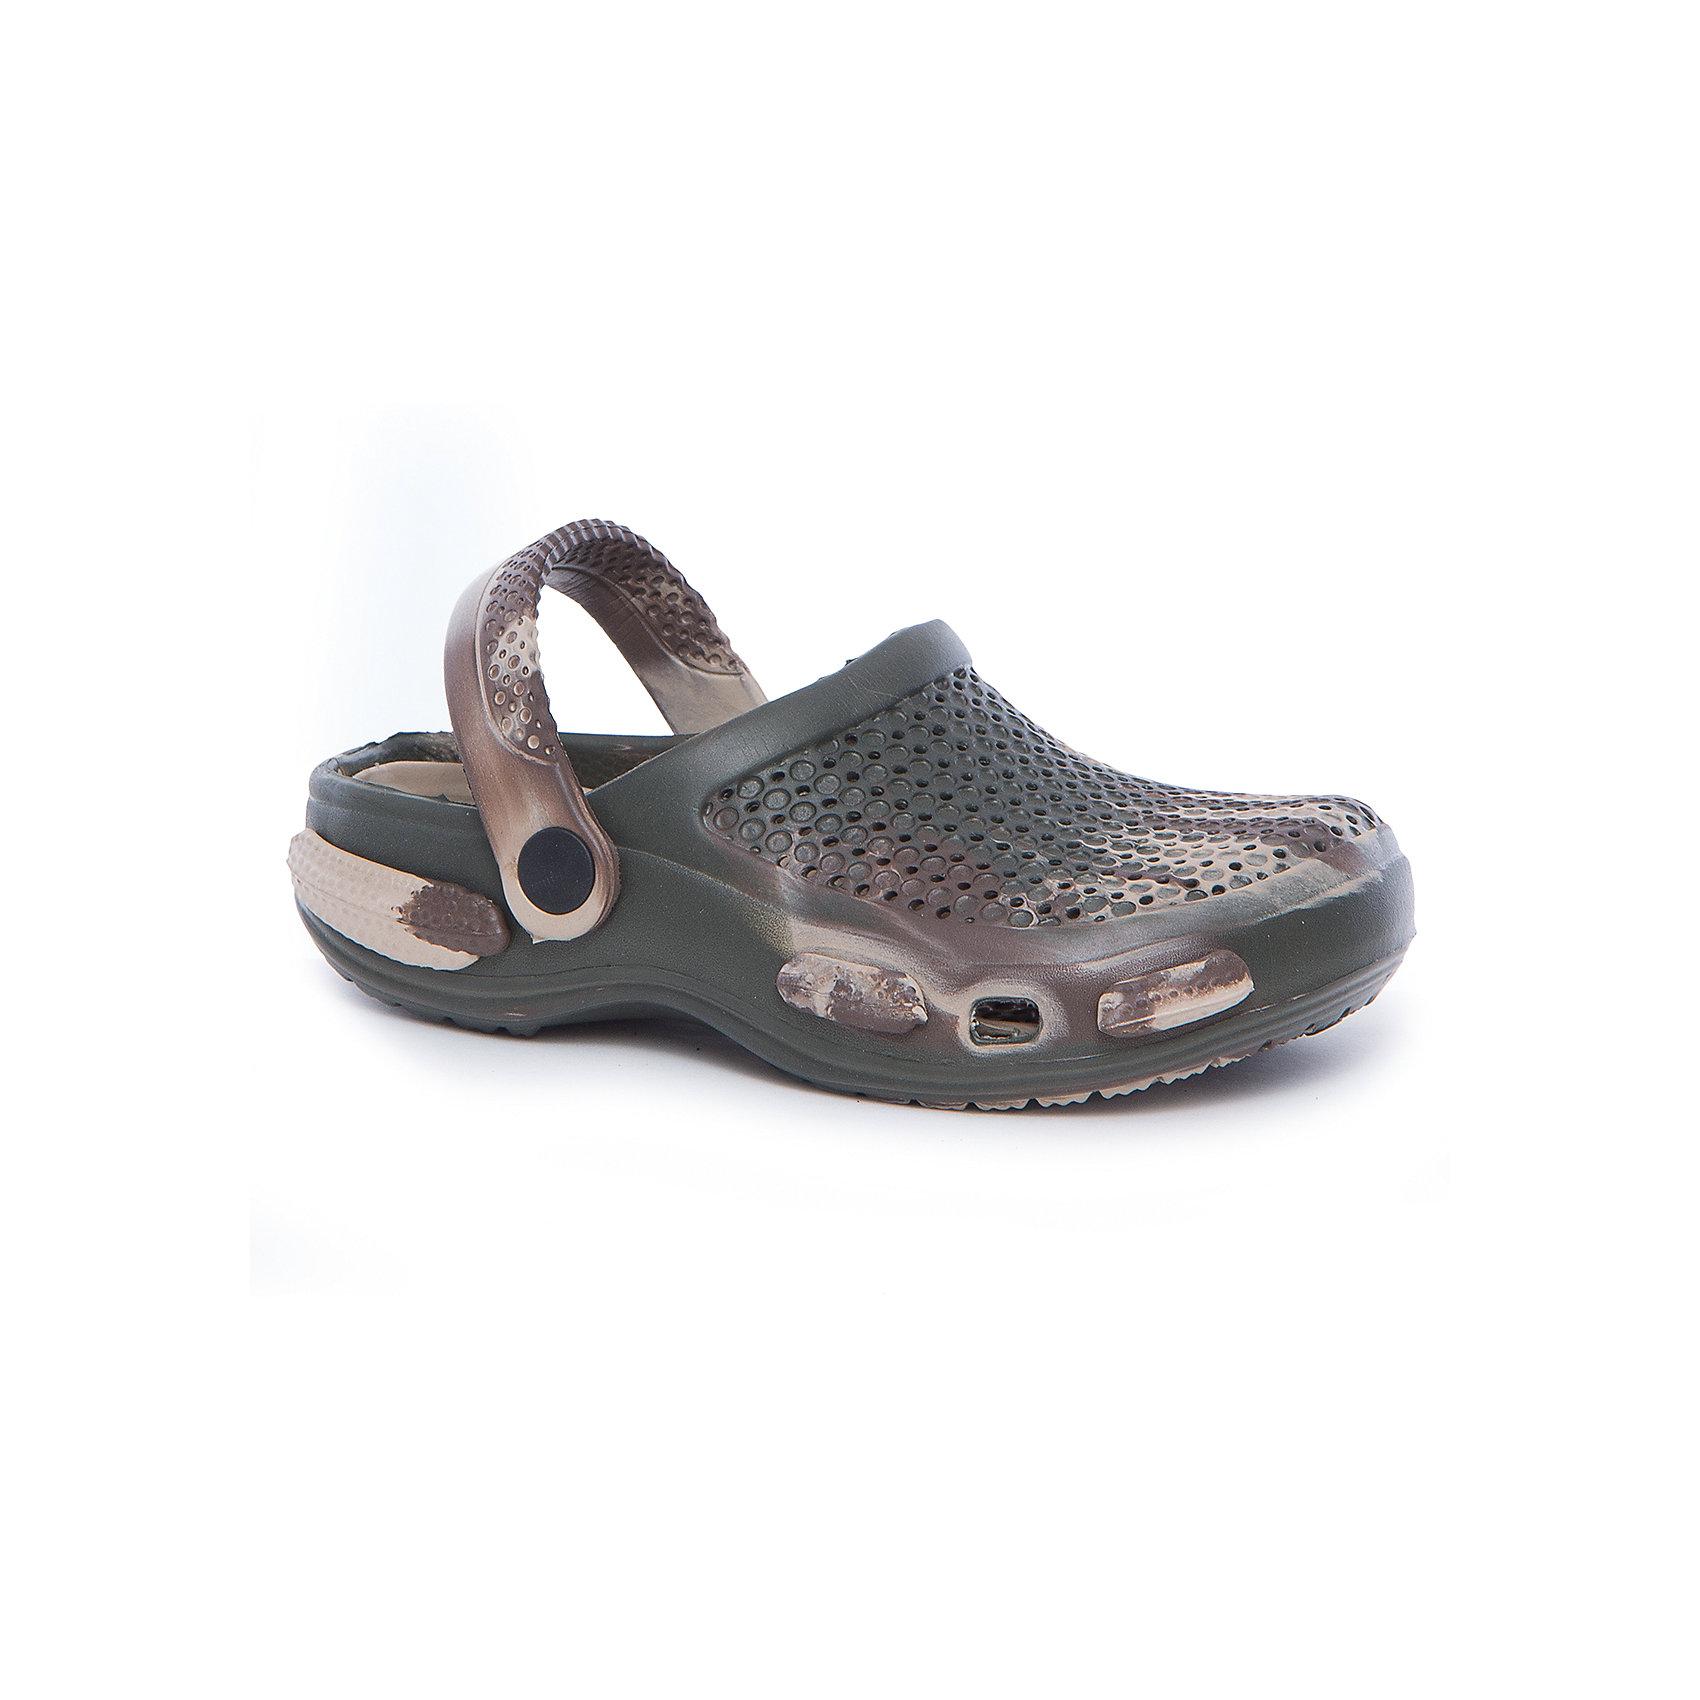 Сабо для мальчика PlayTodayПляжная обувь<br>Пантолеты для мальчика PlayToday<br>Удобные пантолеты (кроксы) прекрасно подойдут и для поездки на пляж, и для дачи. Модель с подвижным запяточным ремнем, который можно откинуть , что позволяет легко снимать и одевать обувь. Изготовлены из легкого материала. Перфорация в верхней части обеспечивает вентиляцию ноги<br>Состав:<br>100% этилвинилацетат<br><br>Ширина мм: 225<br>Глубина мм: 139<br>Высота мм: 112<br>Вес г: 290<br>Цвет: разноцветный<br>Возраст от месяцев: 96<br>Возраст до месяцев: 108<br>Пол: Мужской<br>Возраст: Детский<br>Размер: 32,28,29,30,31<br>SKU: 5403522